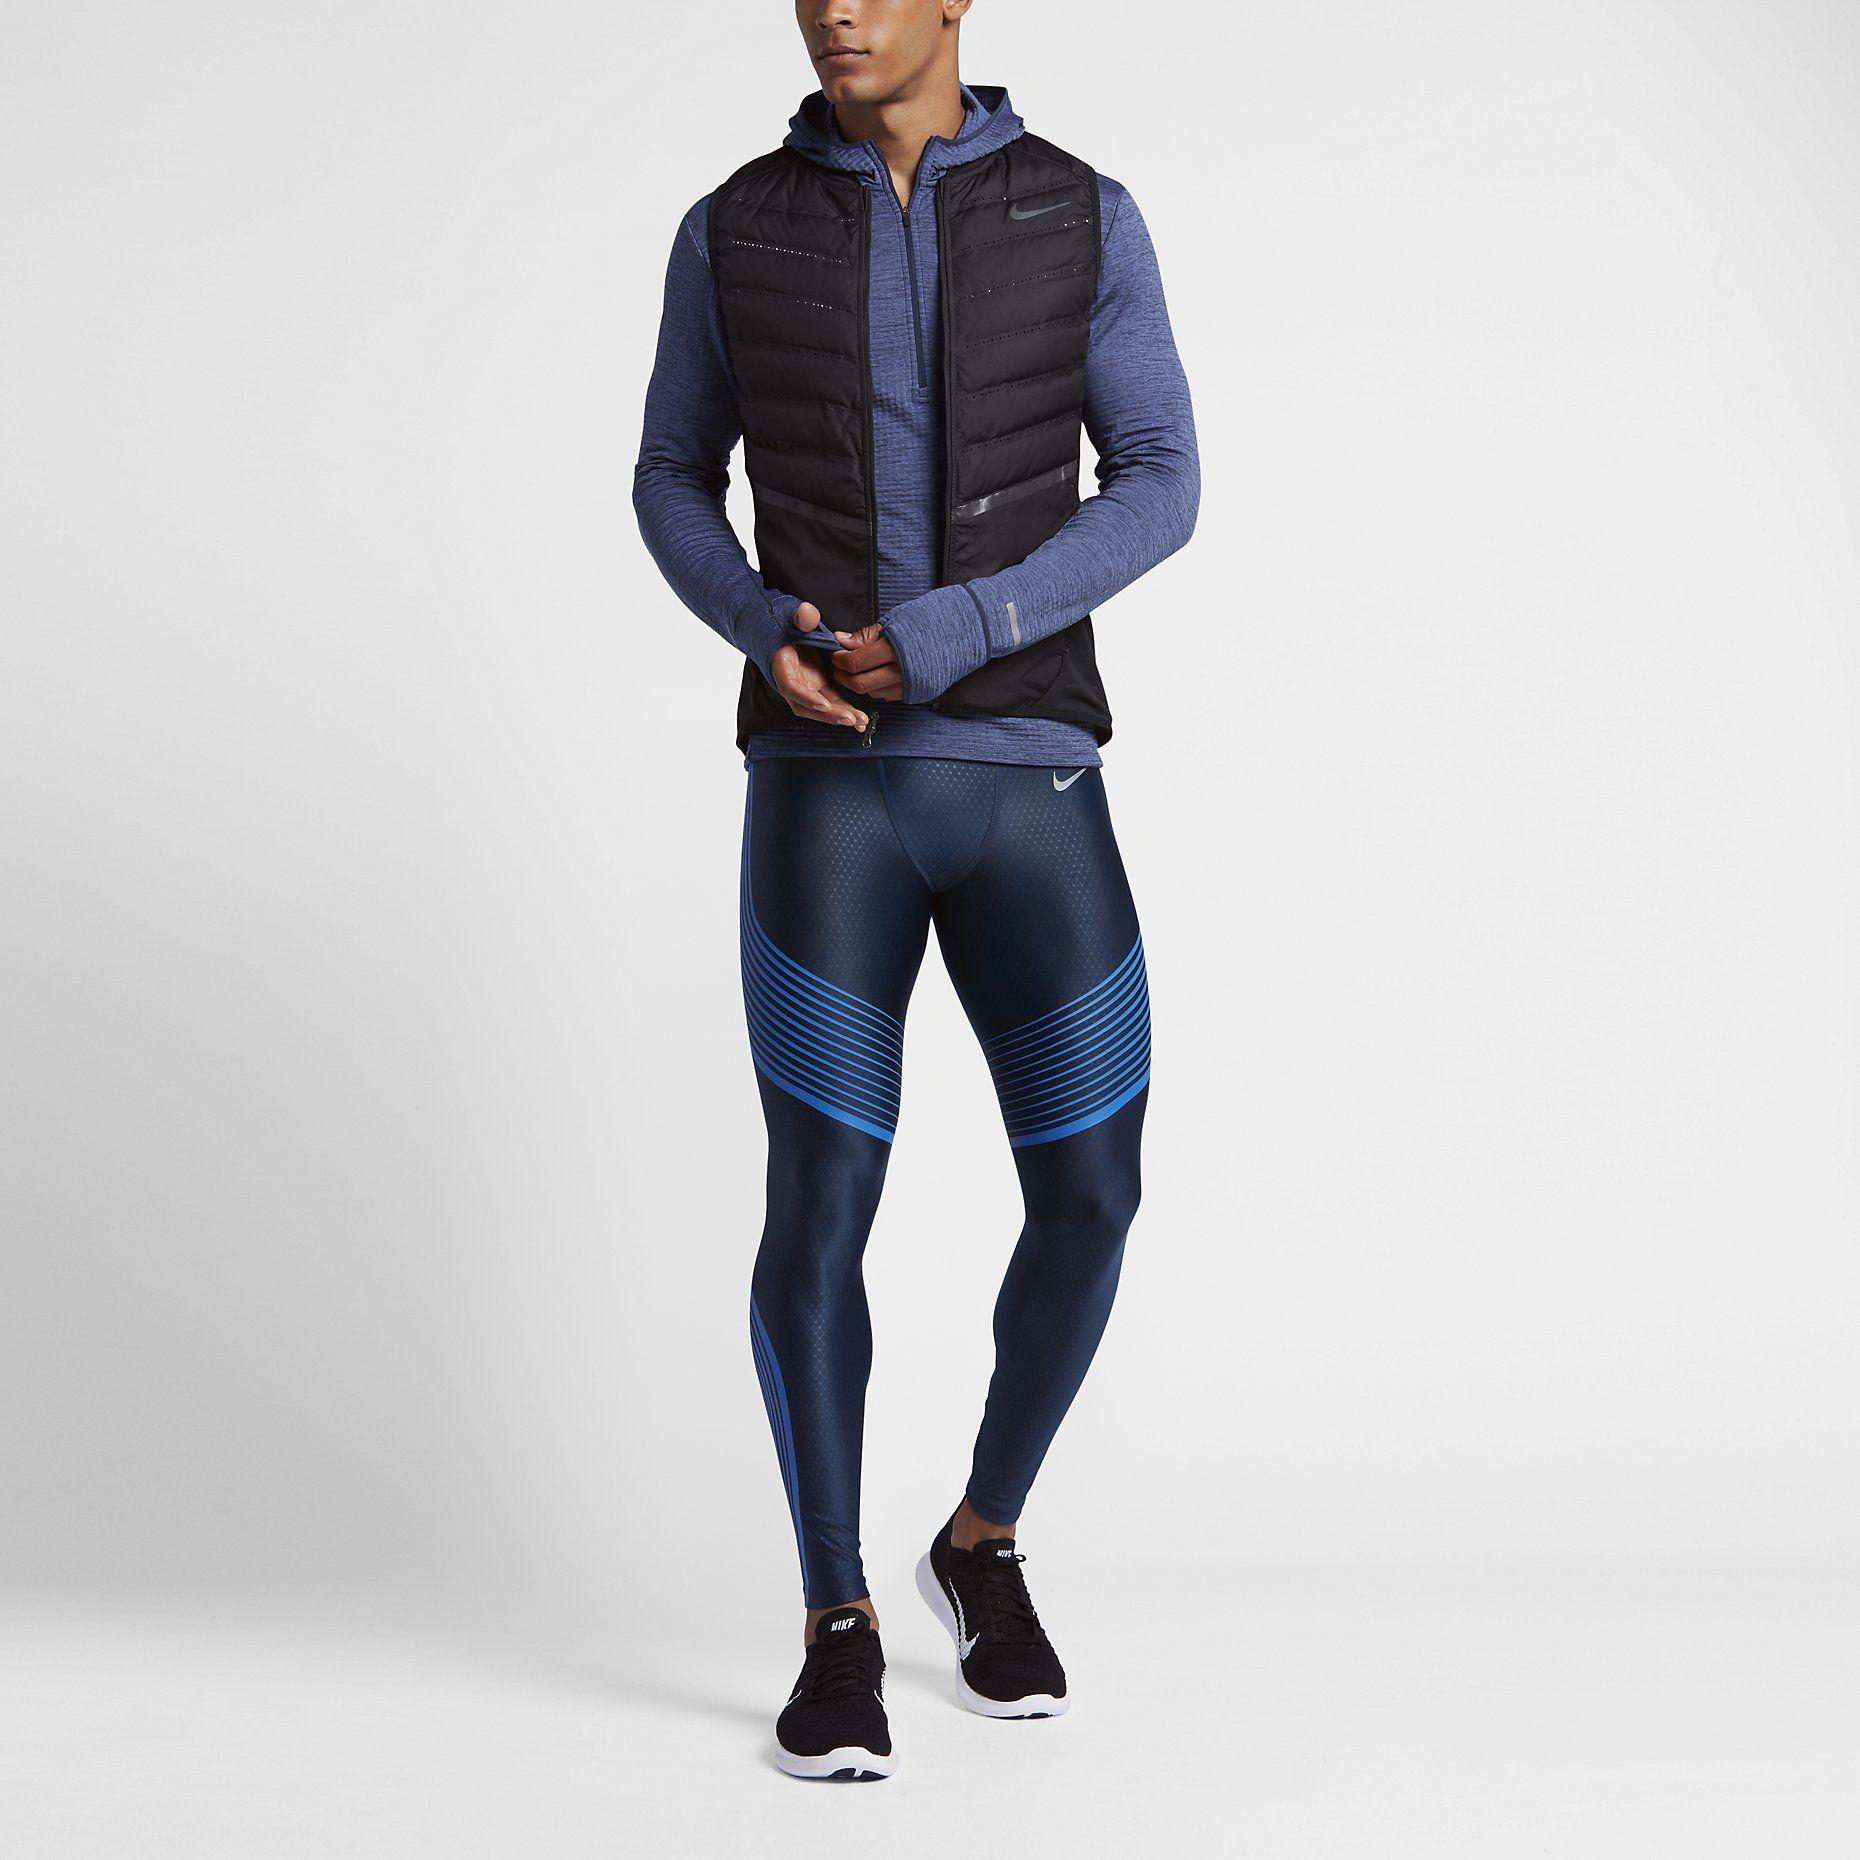 tenue nike running homme